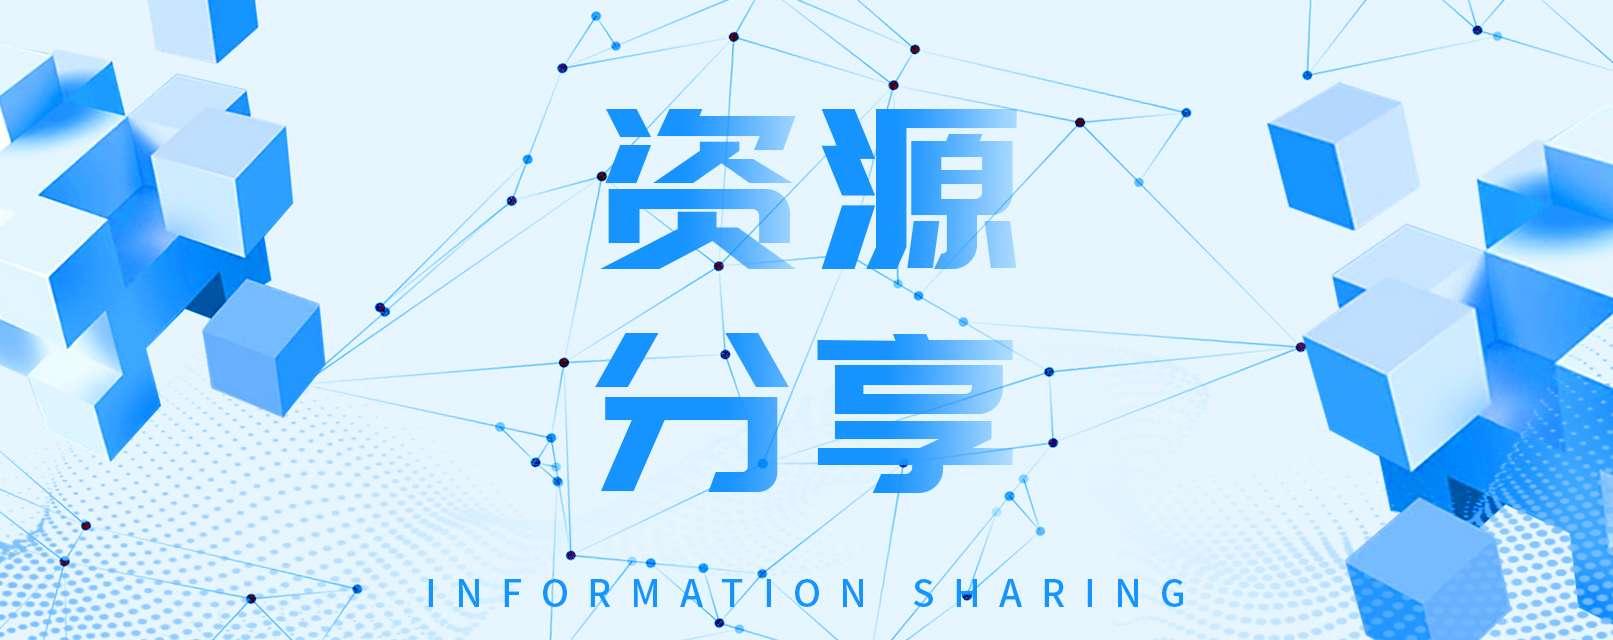 【资源分享】微软数学1.0(初中到高中的各种数学题)